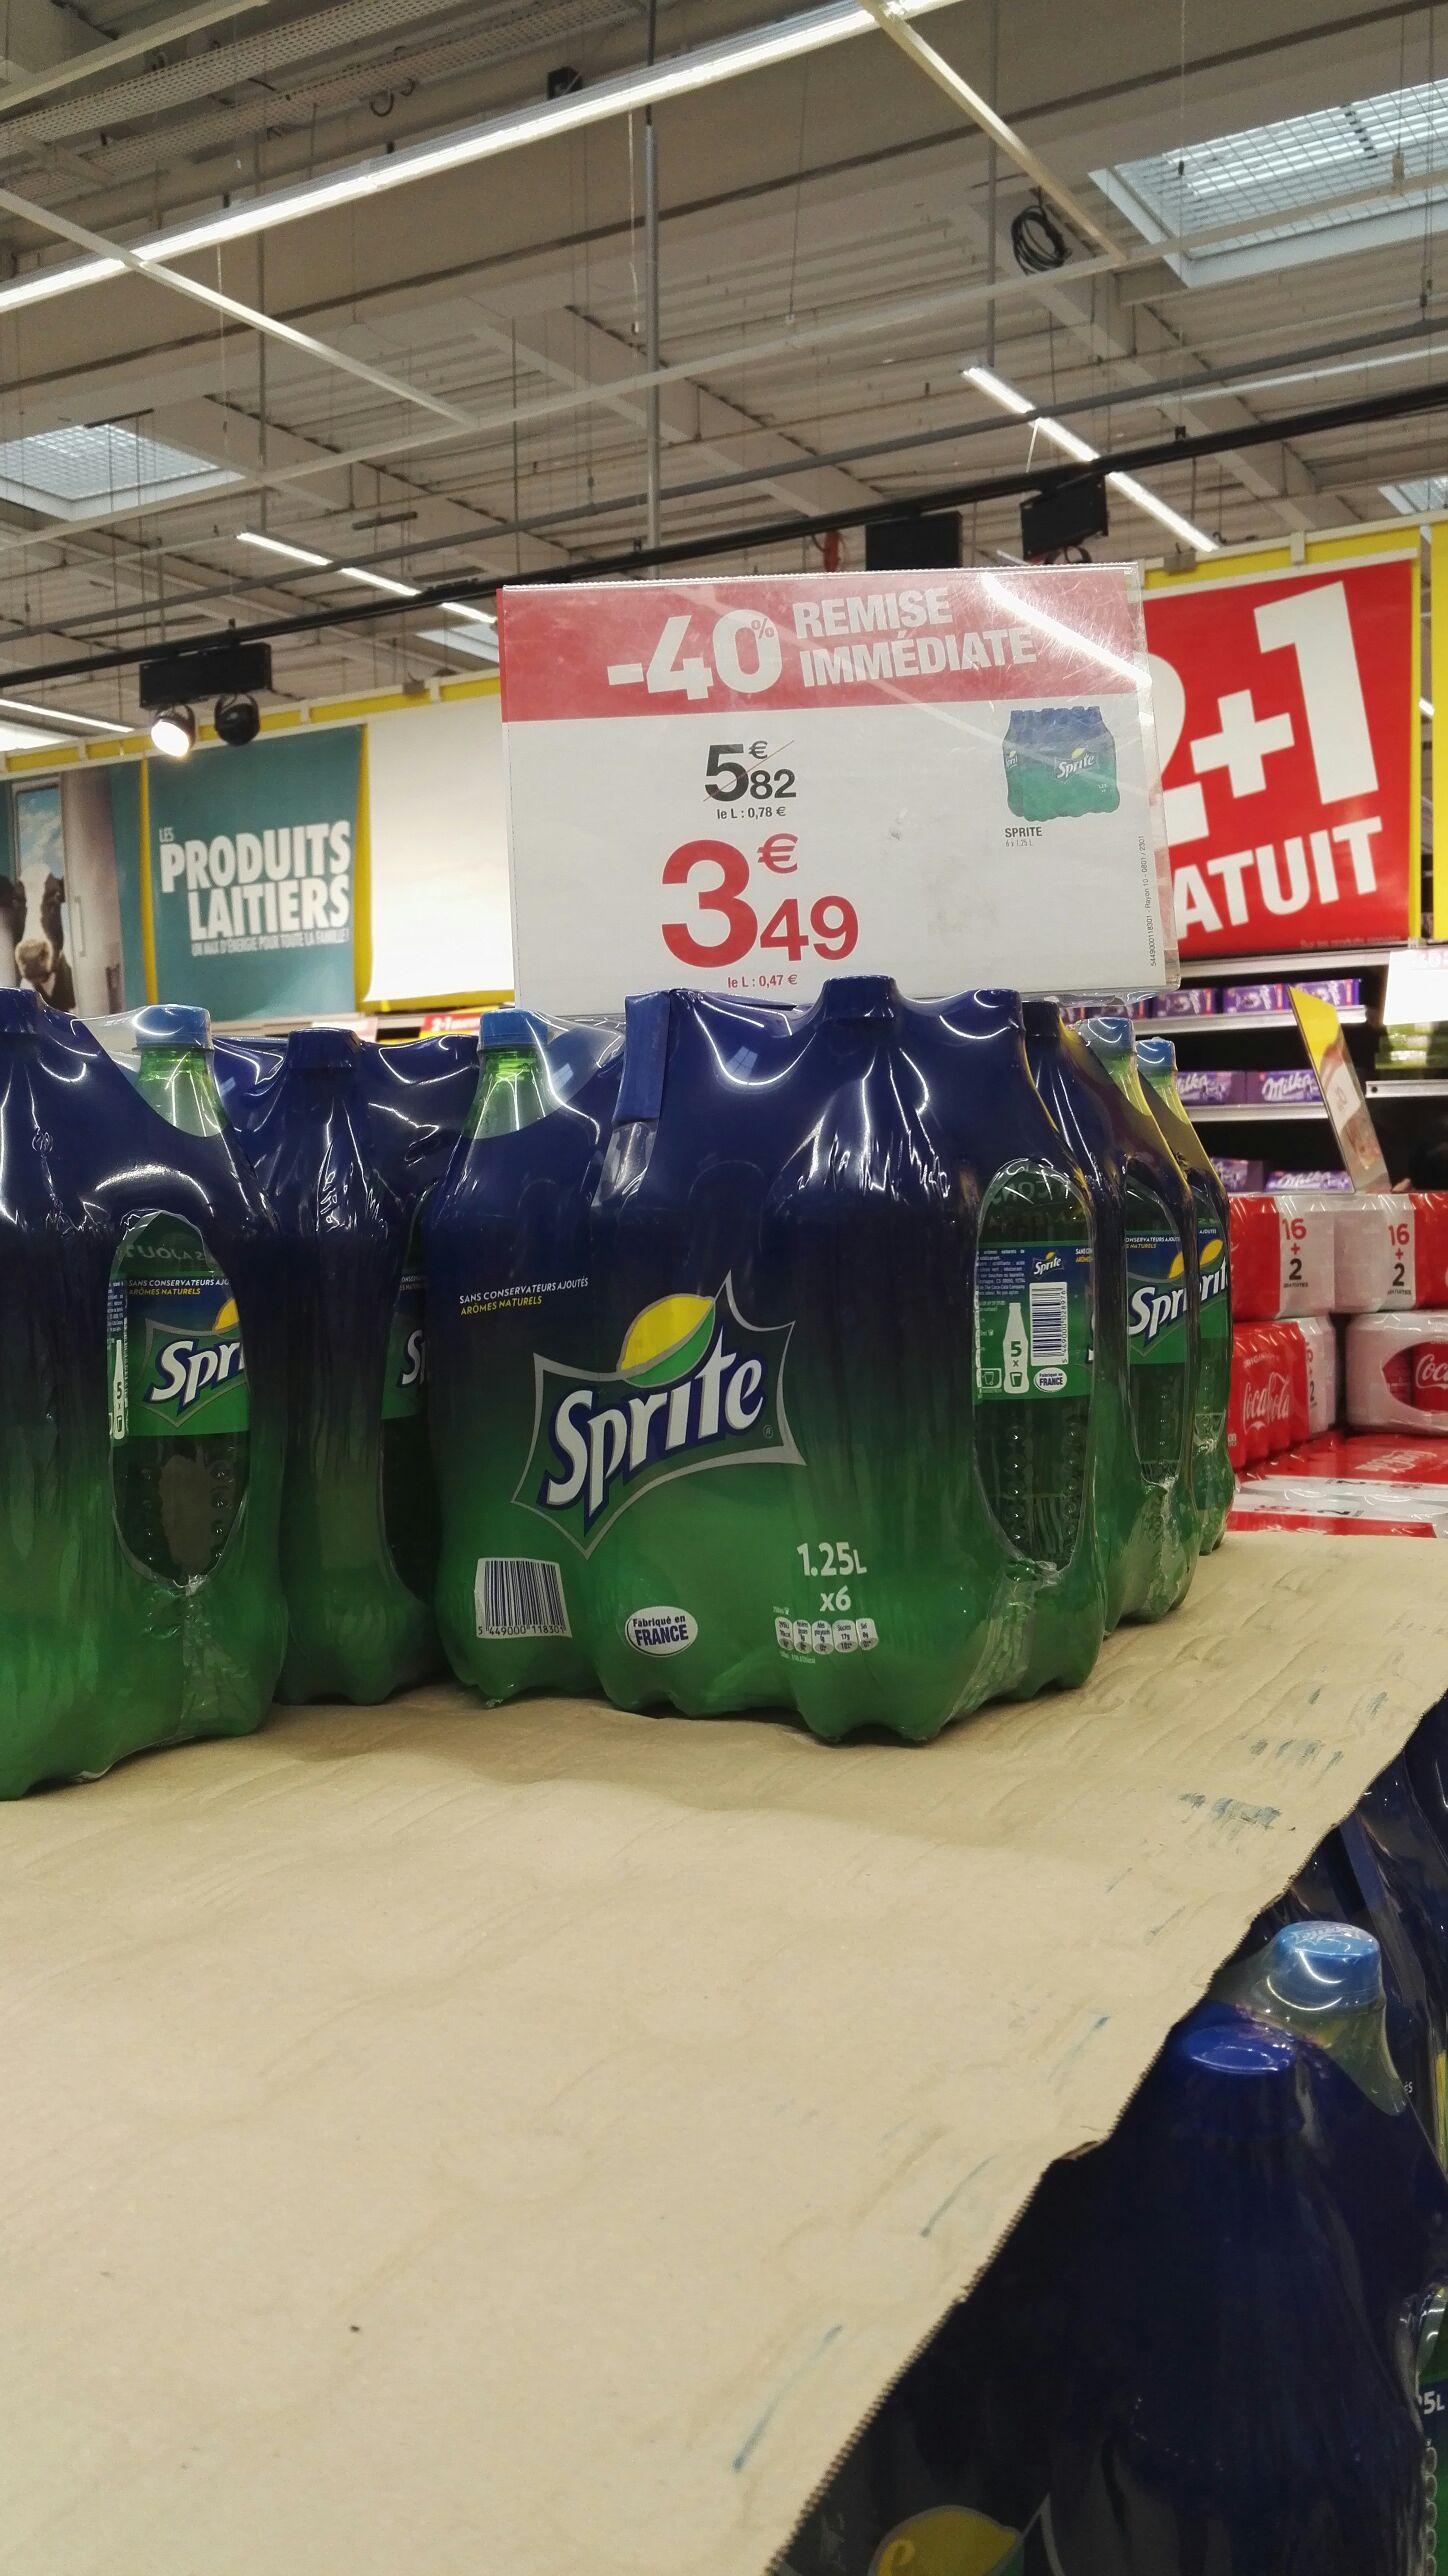 Pack de 6 bouteilles de soda Sprite - 1.25 L au Carrefour Tourville-la-Rivière (76)